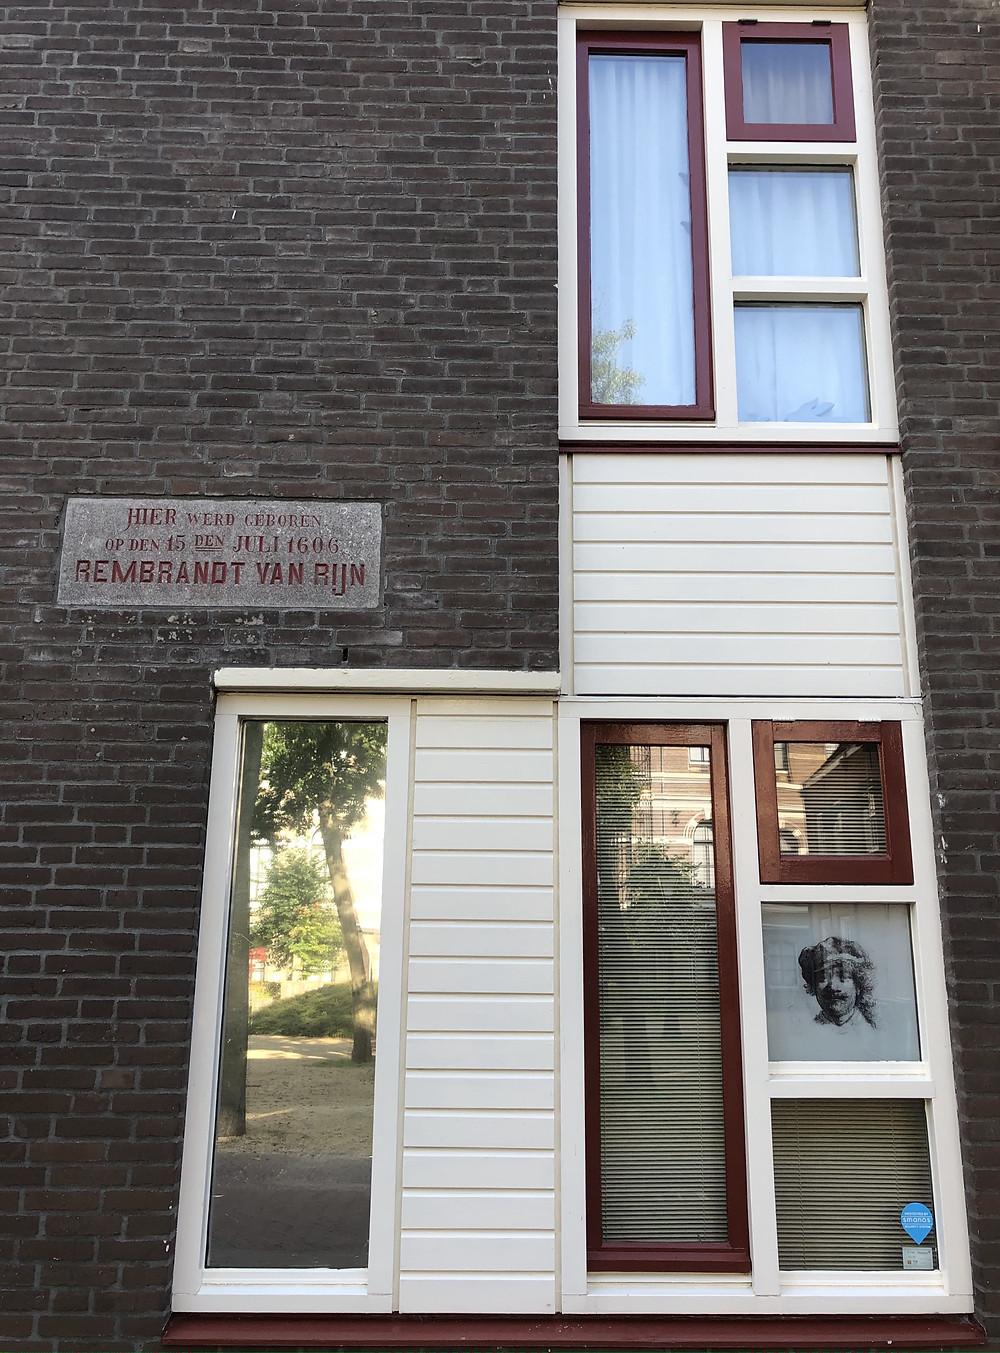 Birthplace Rembrandt van Rijn in Leiden